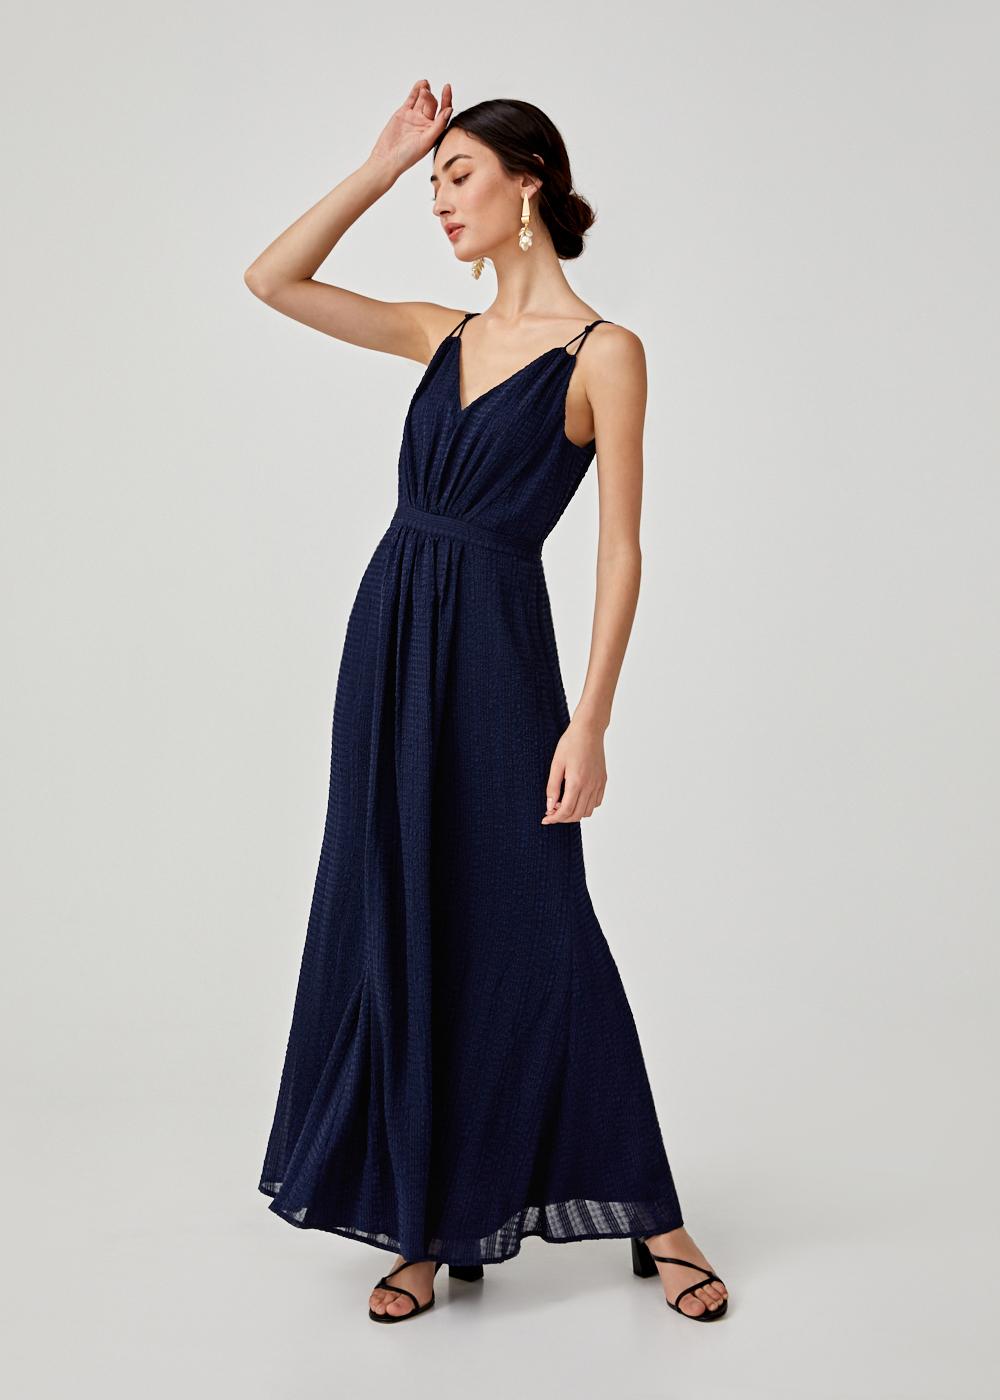 Allie Textured Camisole Maxi Dress